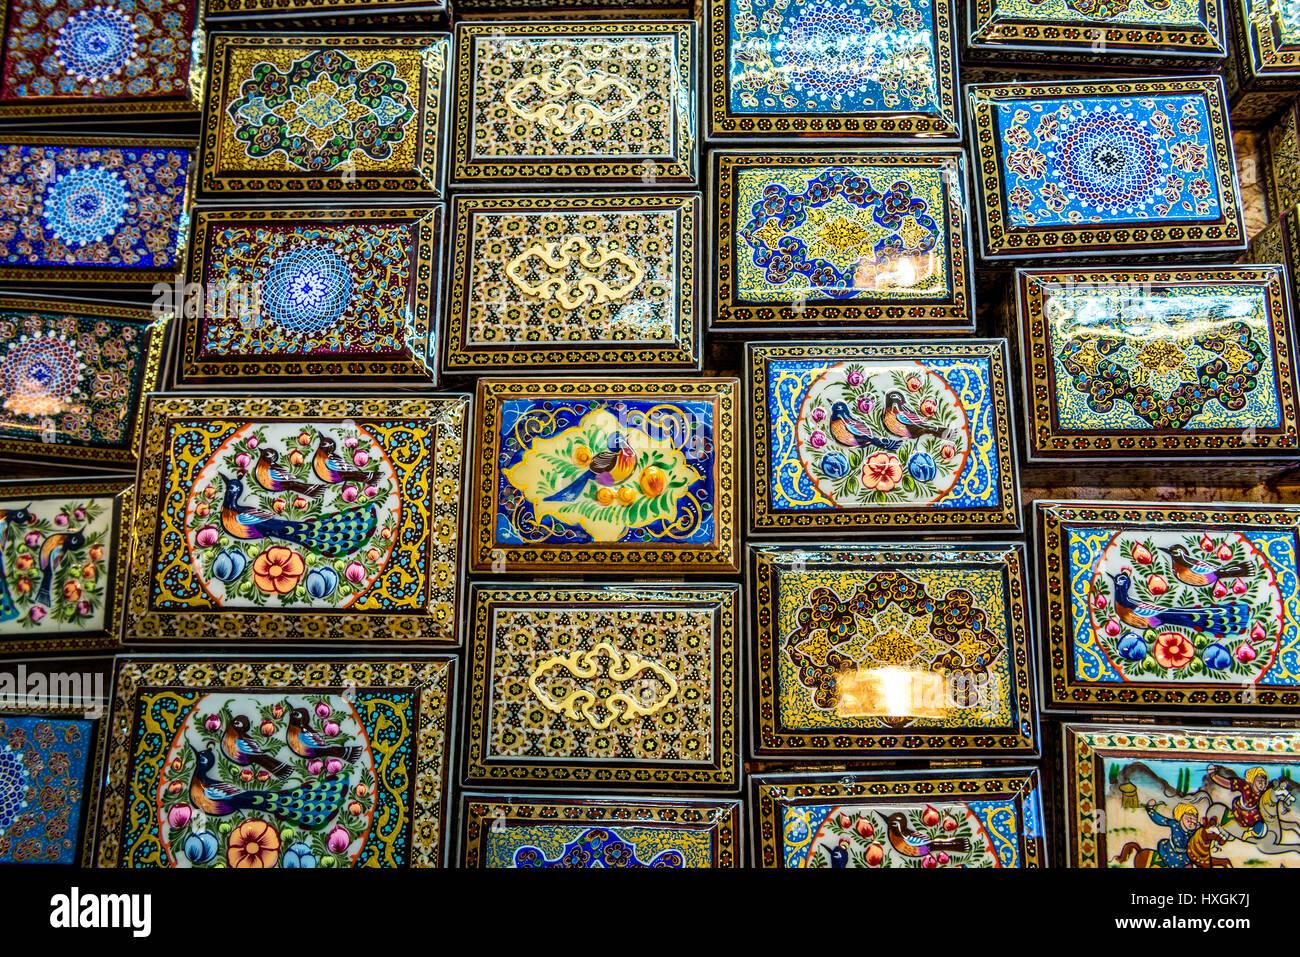 Persian Jewel Stock Photos & Persian Jewel Stock Images - Alamy